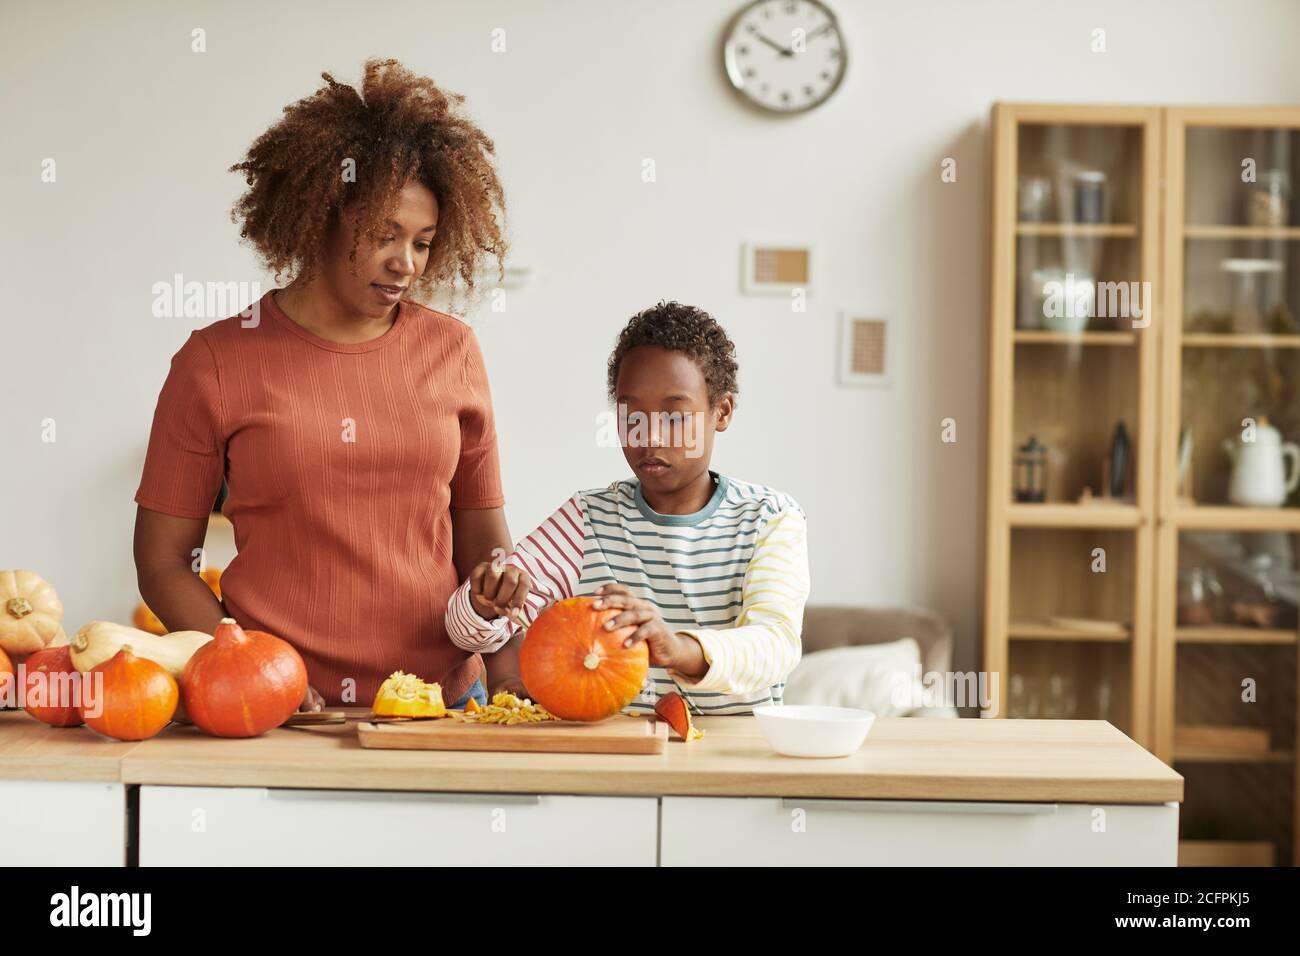 Jeune femme afro-américaine adulte vêtue d'une tenue décontractée debout table regardant son enfant sculpter la citrouille Banque D'Images